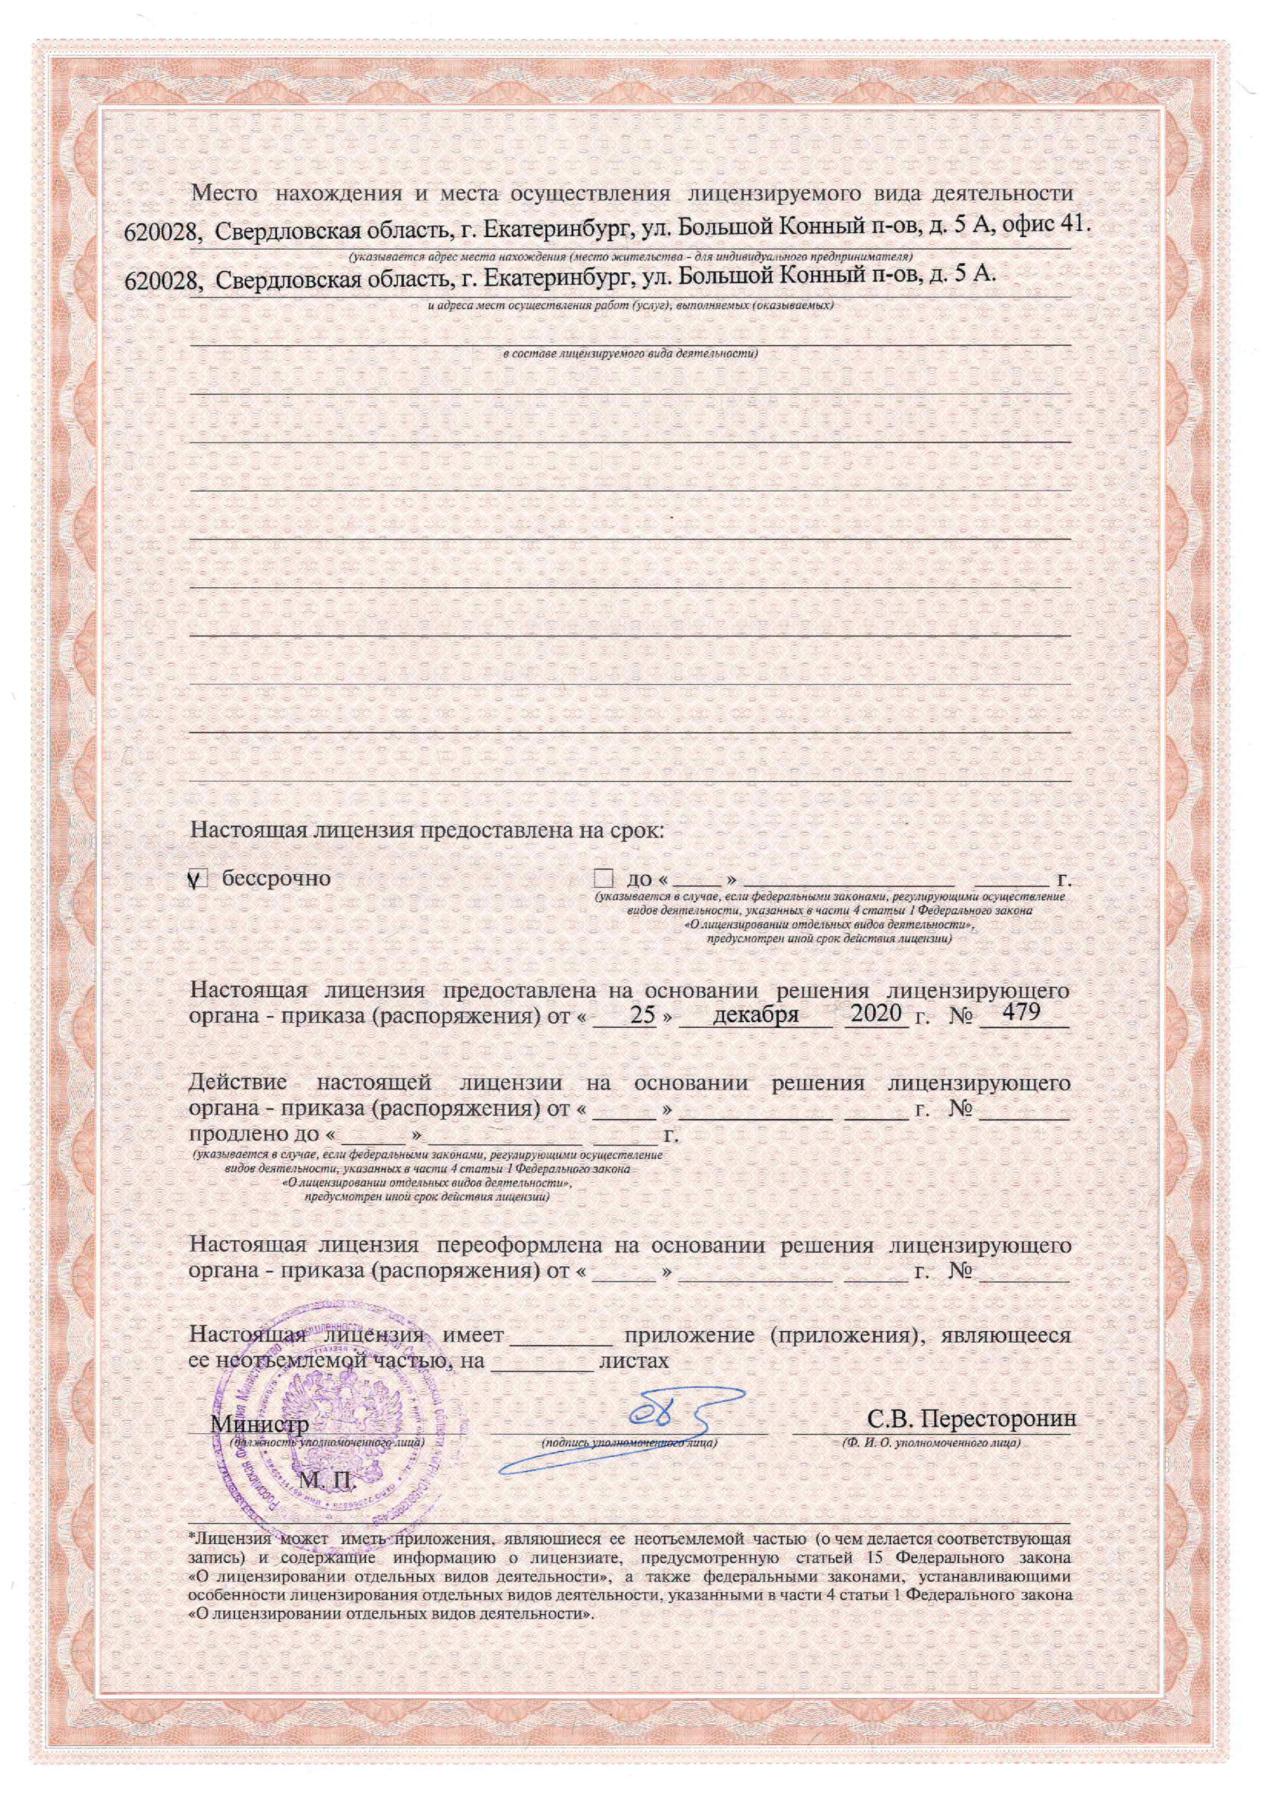 Лицензия на осуществление заготовки, хранения, переработки и реализации лома черных и цветных металлов (стр.2)